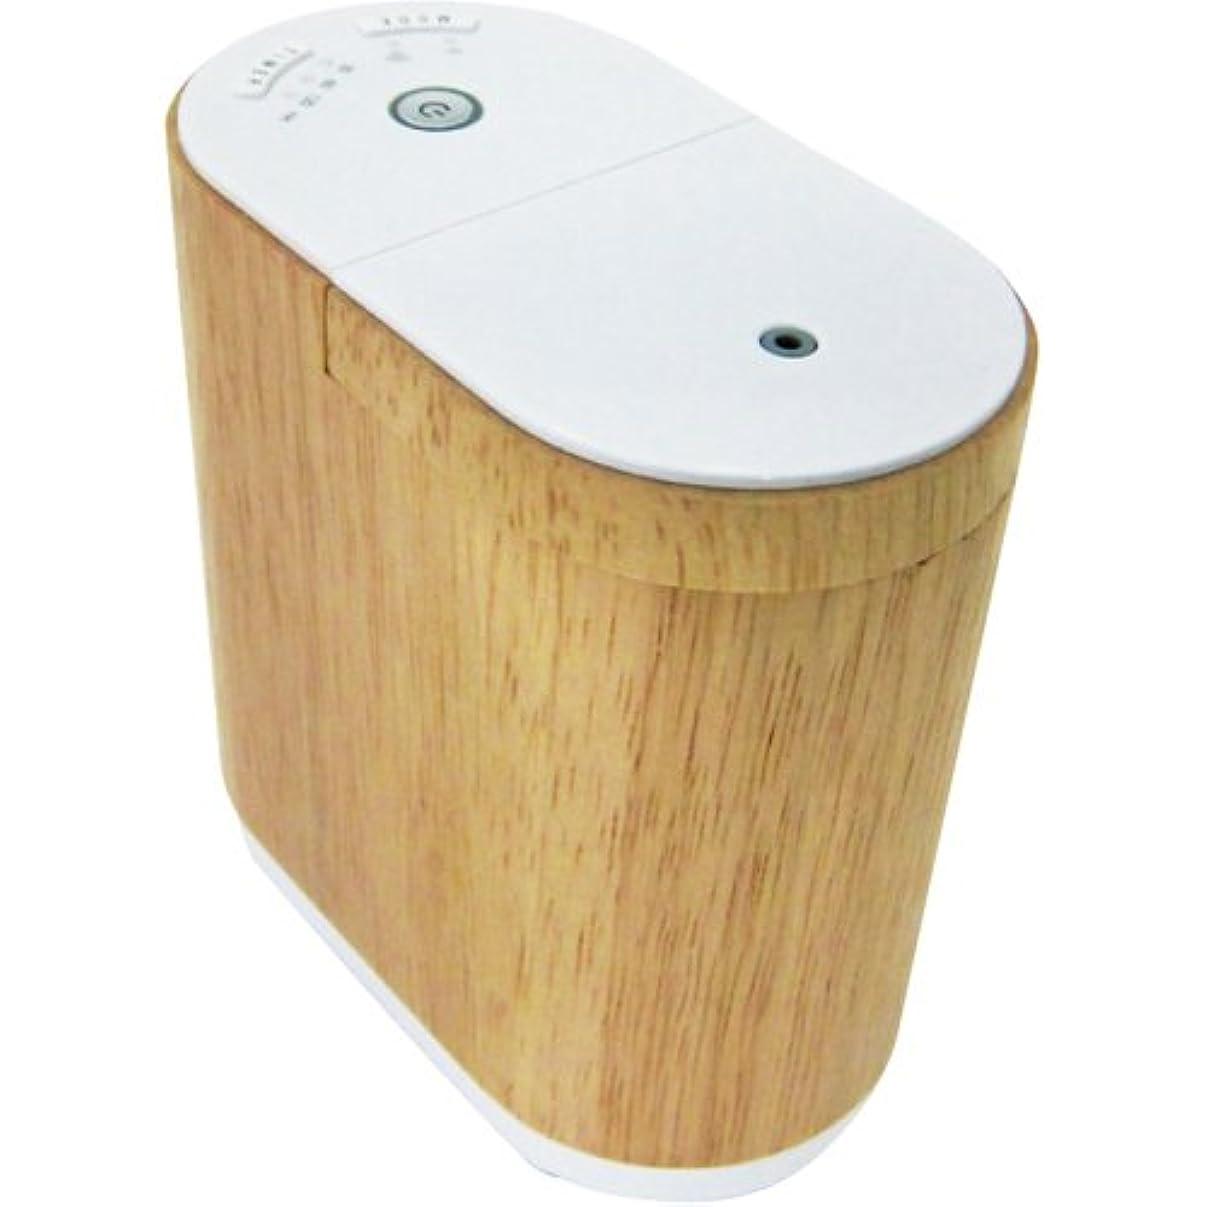 グリップ人質歩行者生活の木 アロマディフューザー(ウッド)エッセンシャルオイルディフューザー aromore(アロモア) 08-801-6010